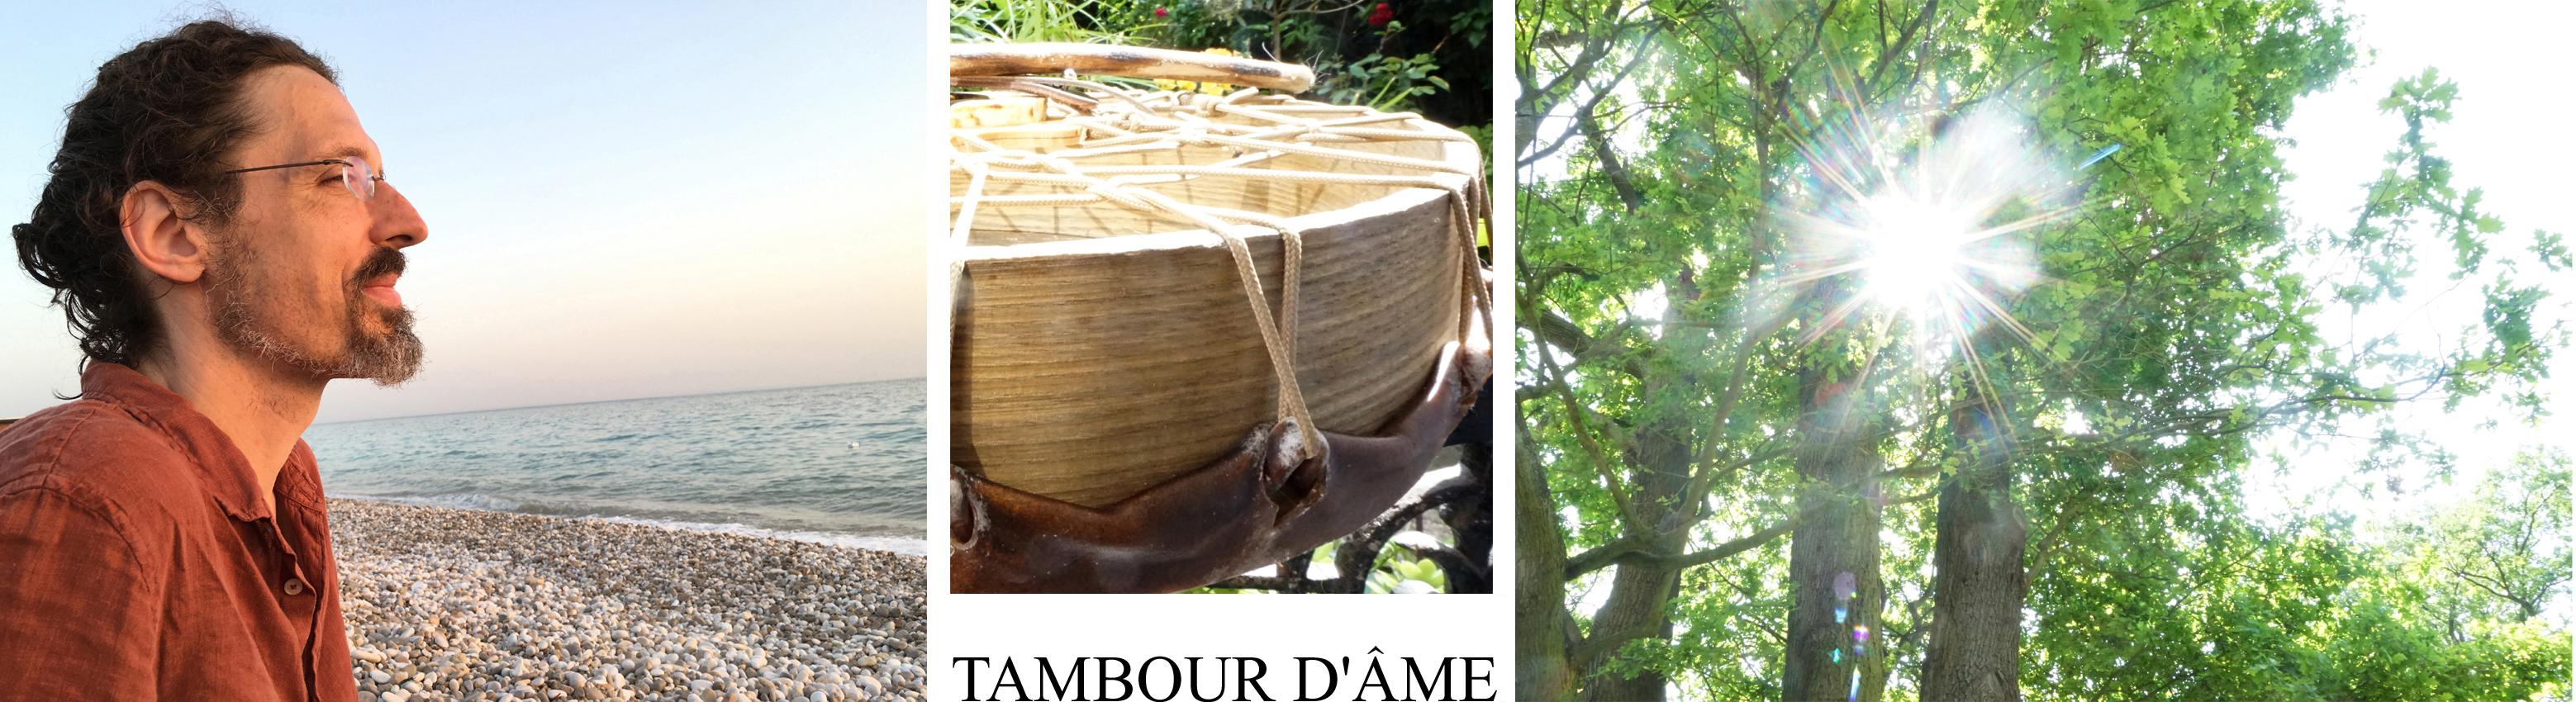 Fabrice Torok  -   Tambour d'âme